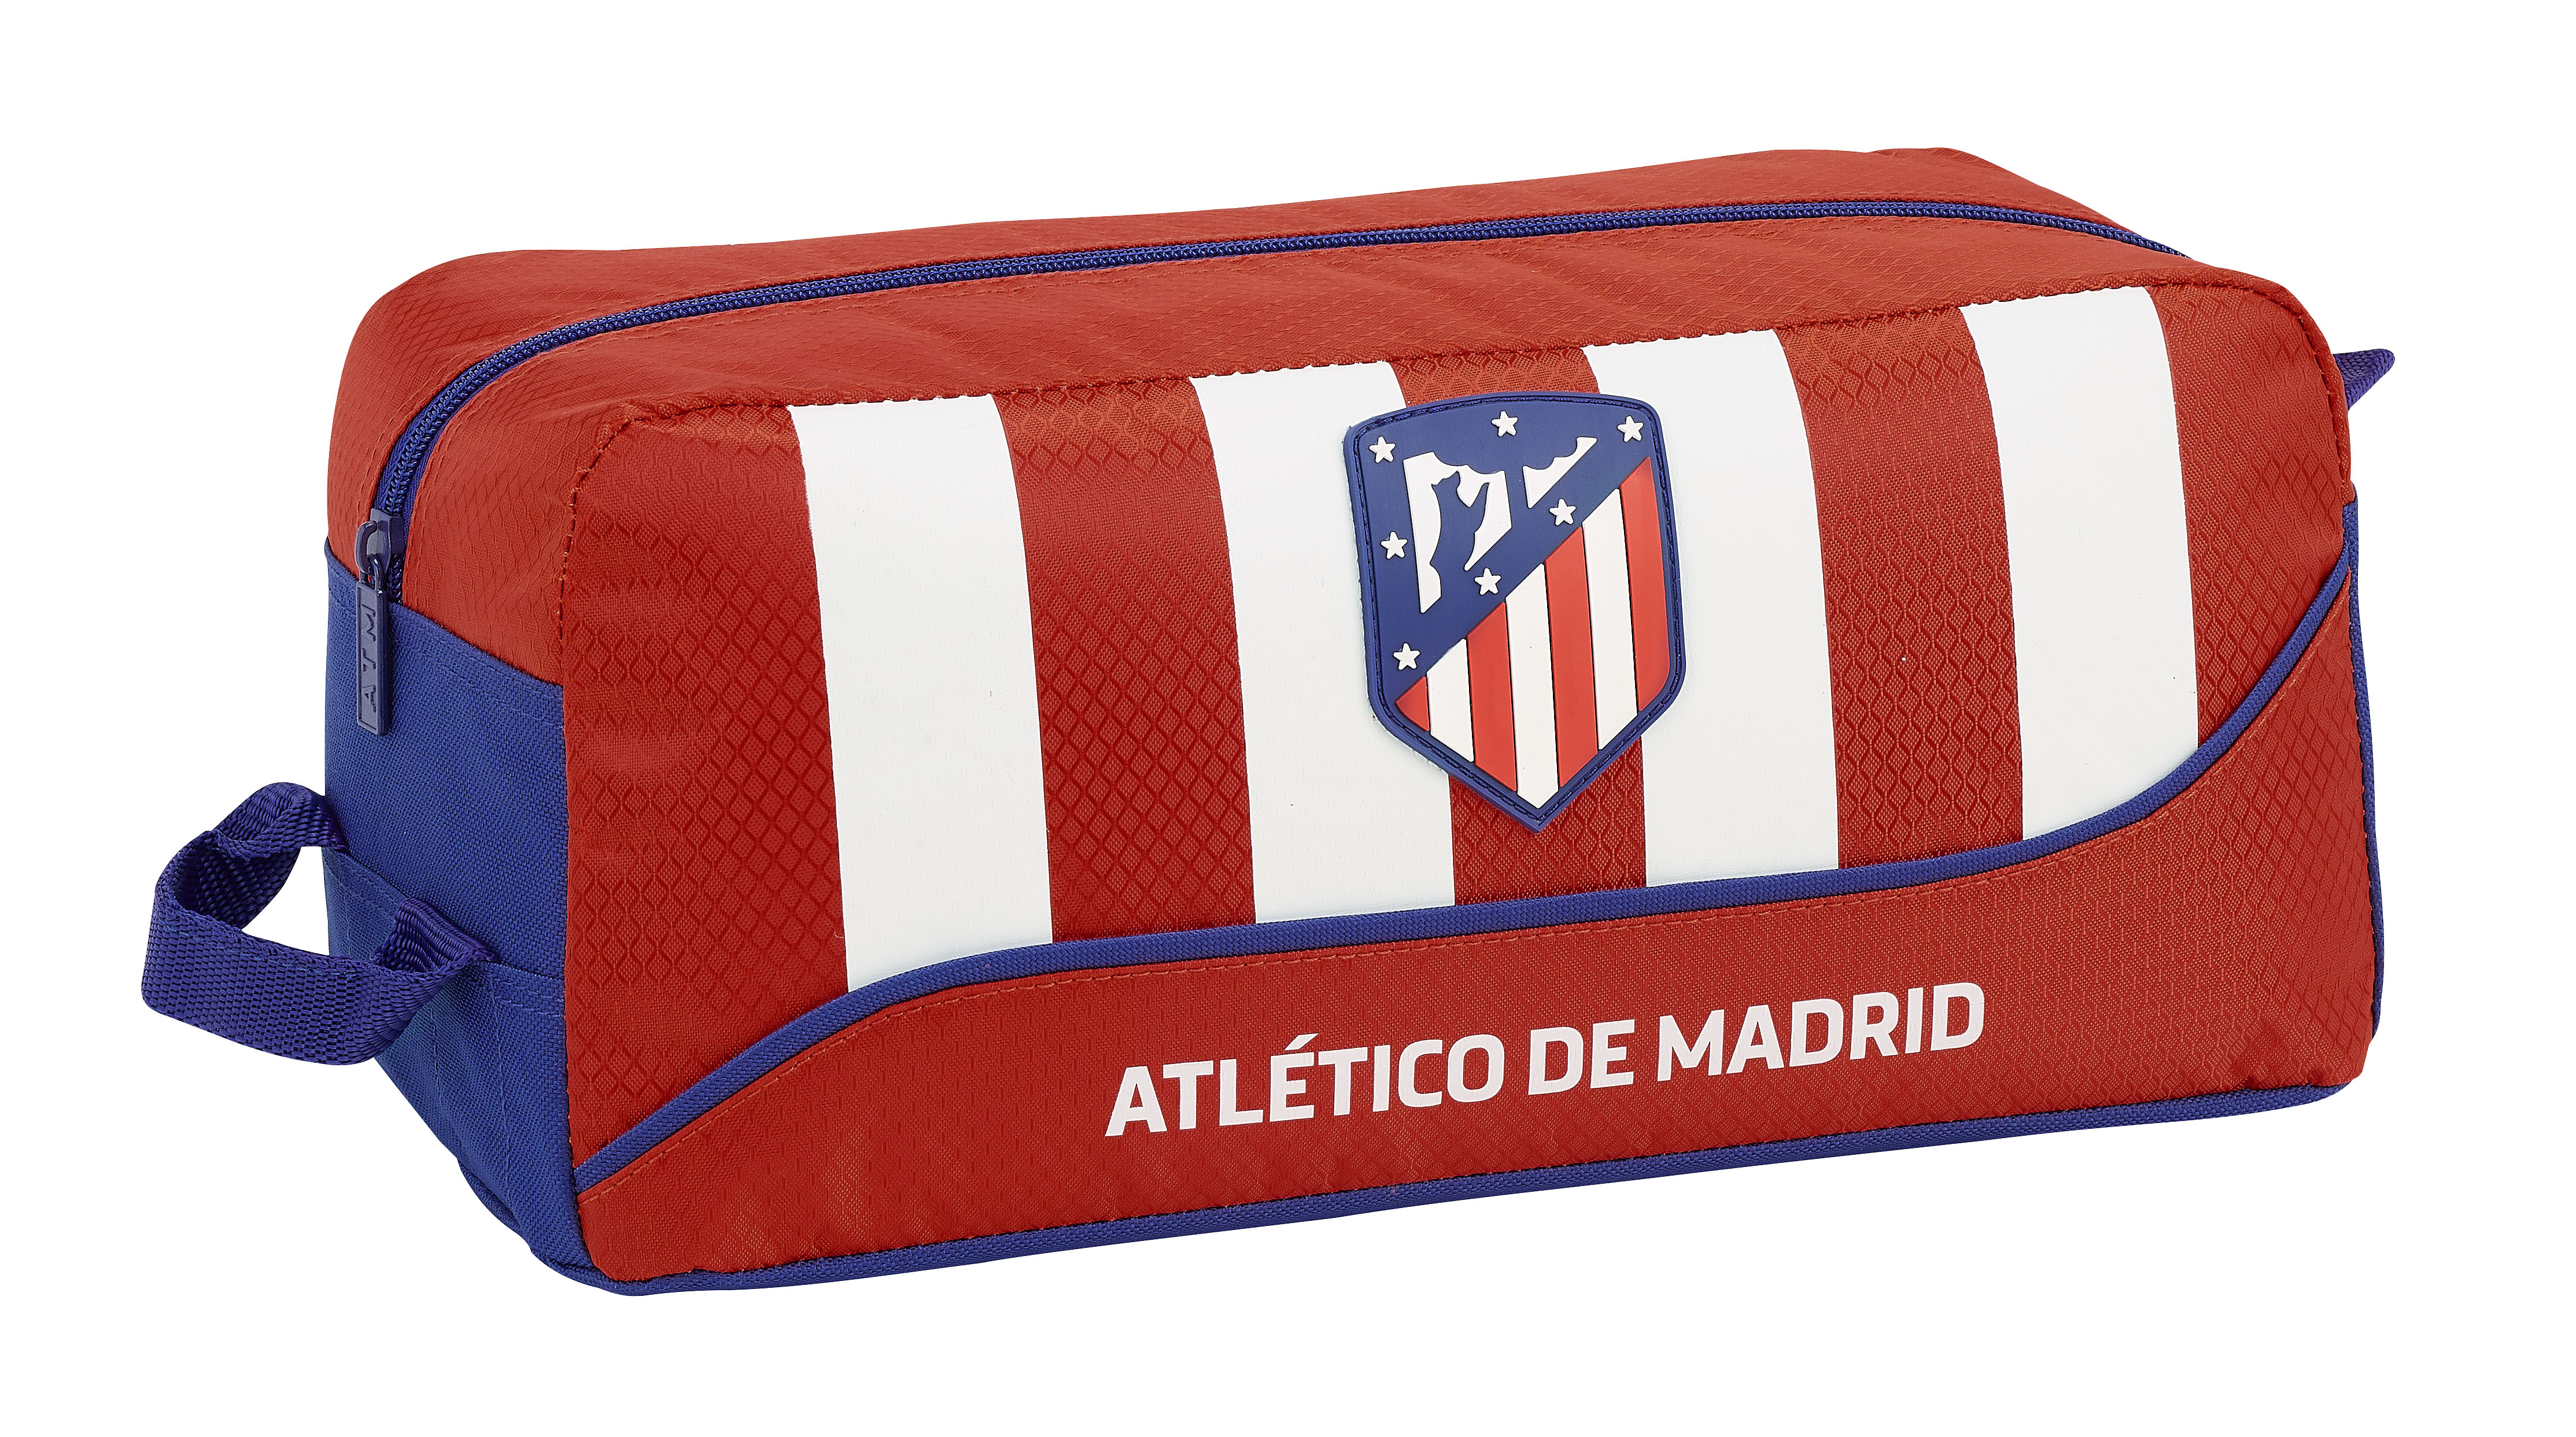 ZAPATILLERO ATLETICO DE MADRID 811845440